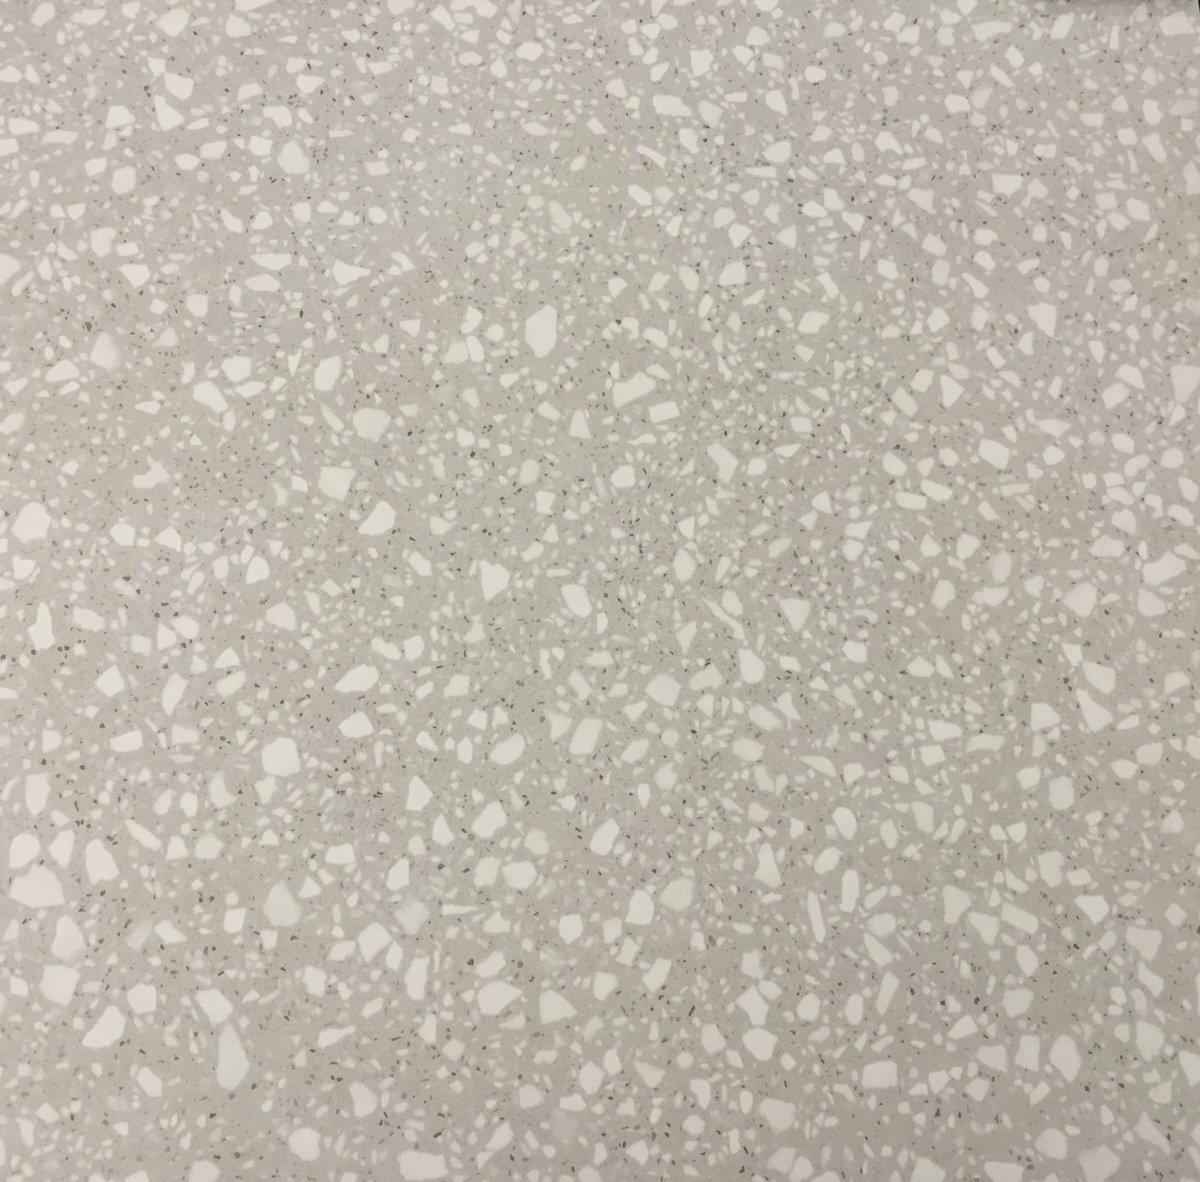 Interior wall tiles Porcelain terrazzo tiles   VTSM6712 VTSM6714 VTSM6715 VTSM6716 VTSM6717 Porcelain terrazzo tiles VTSM6601 VT